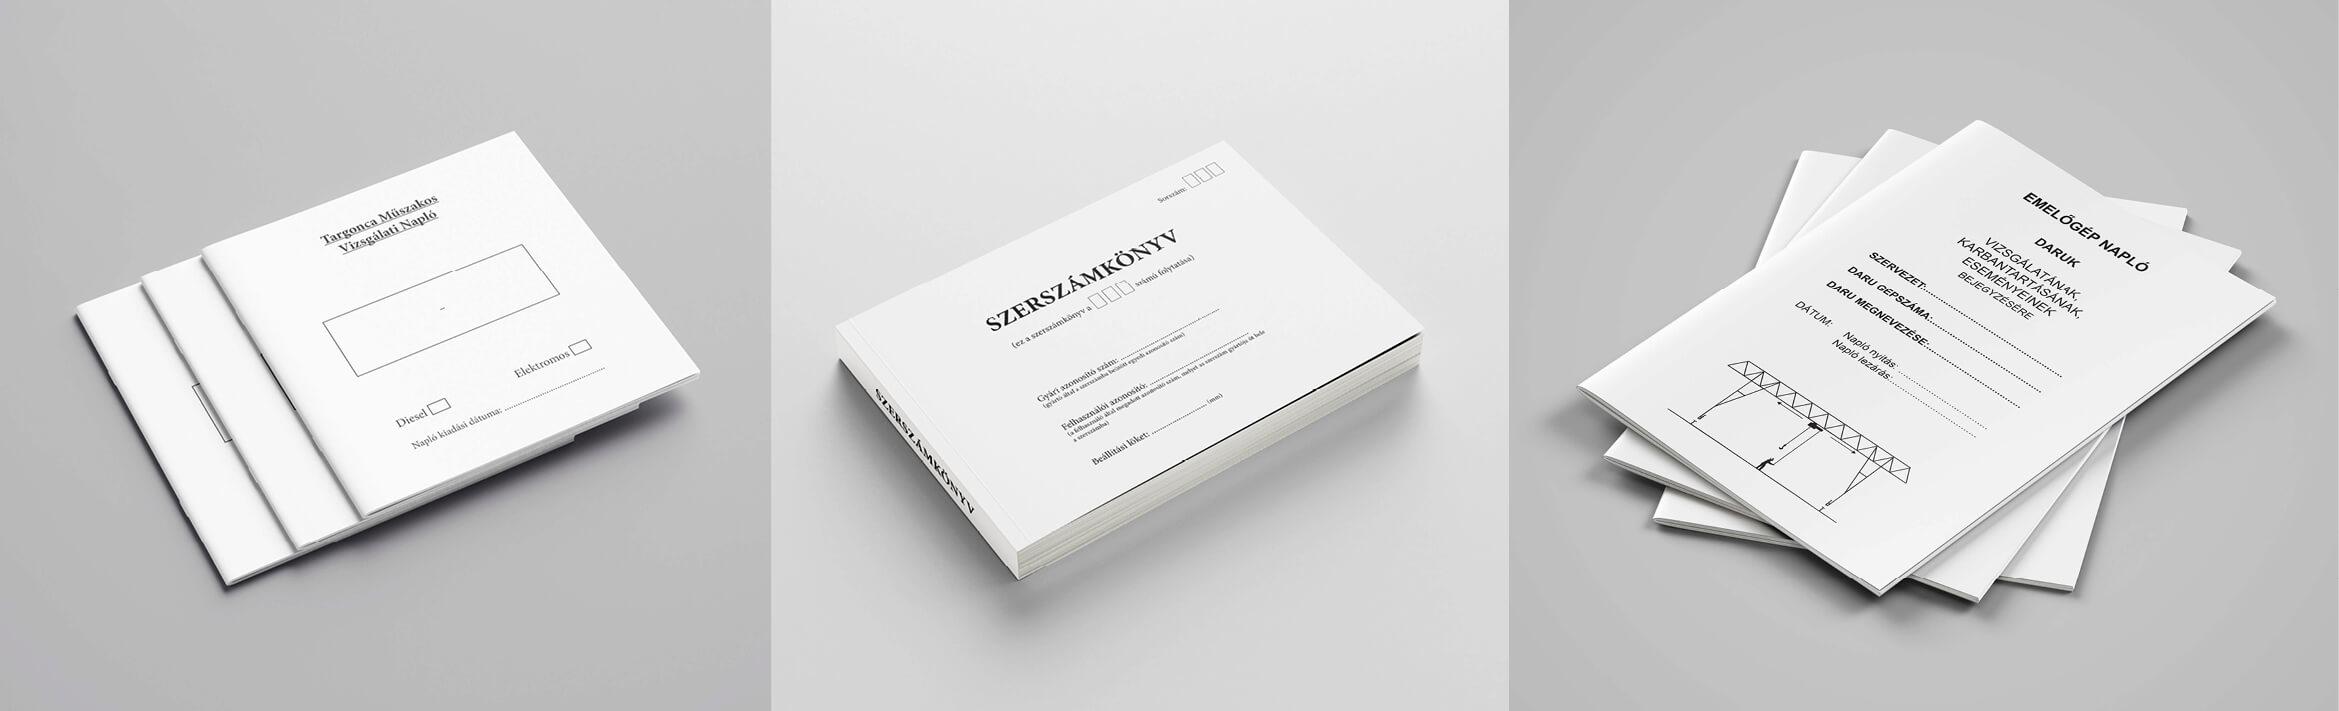 kezelési útmutatók nyomtatása